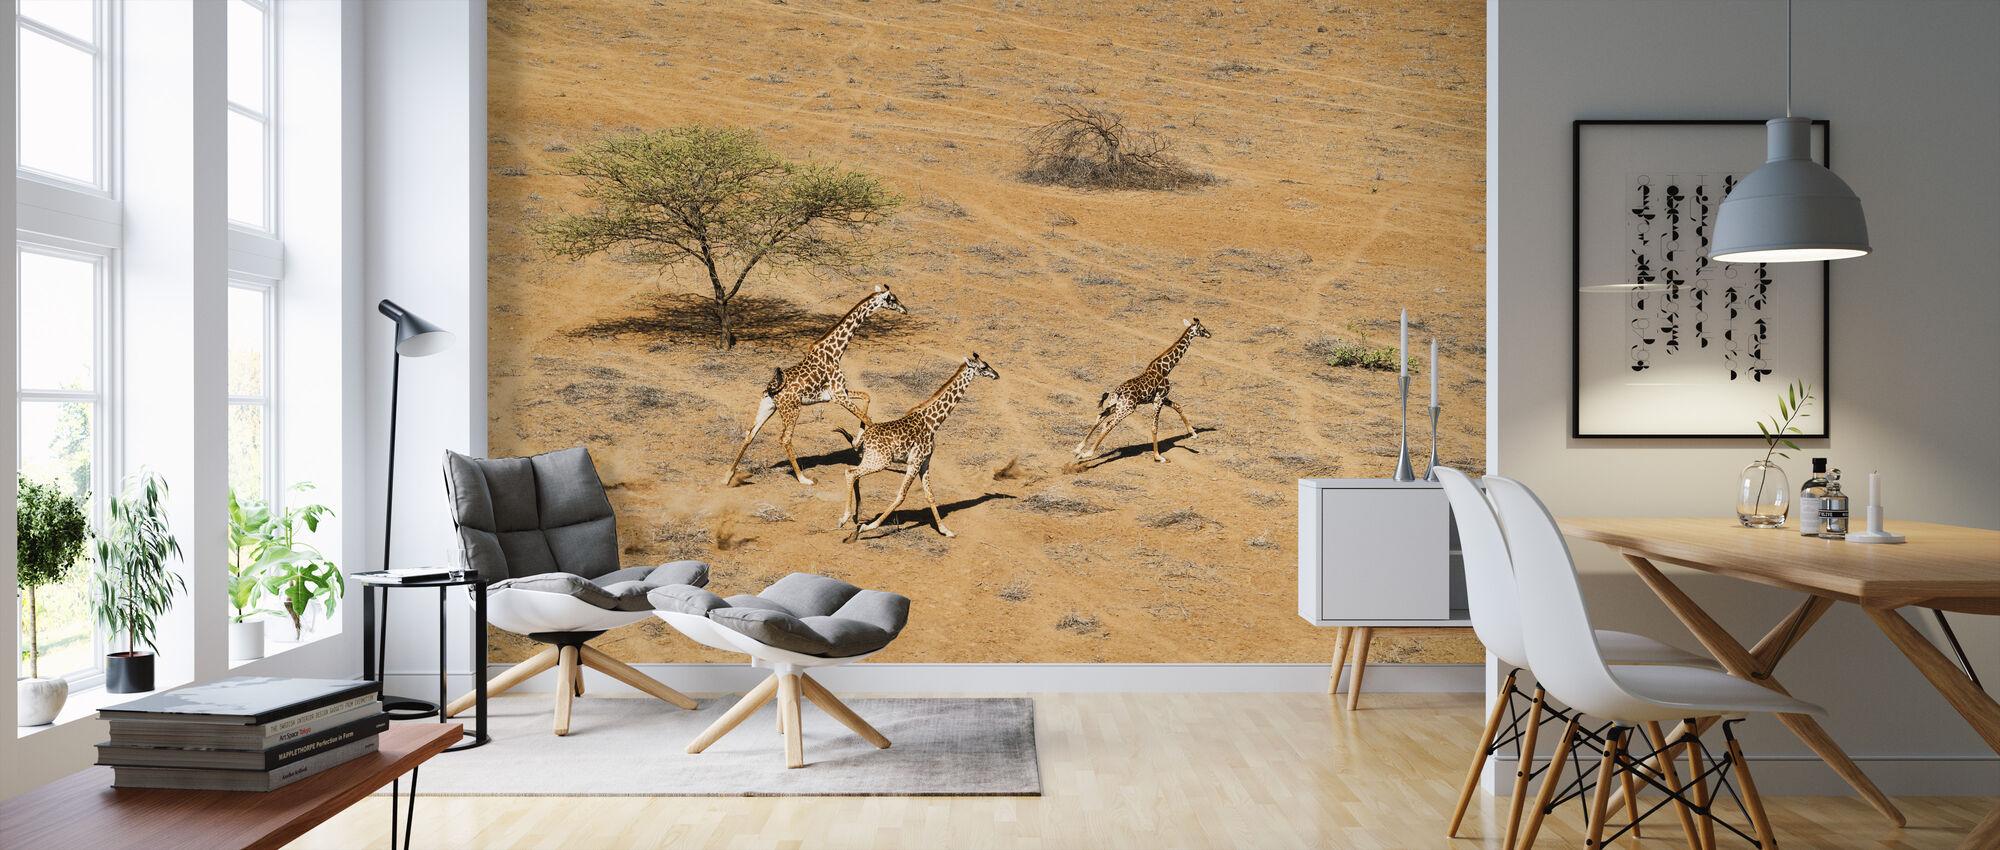 Family Paradise - Wallpaper - Living Room